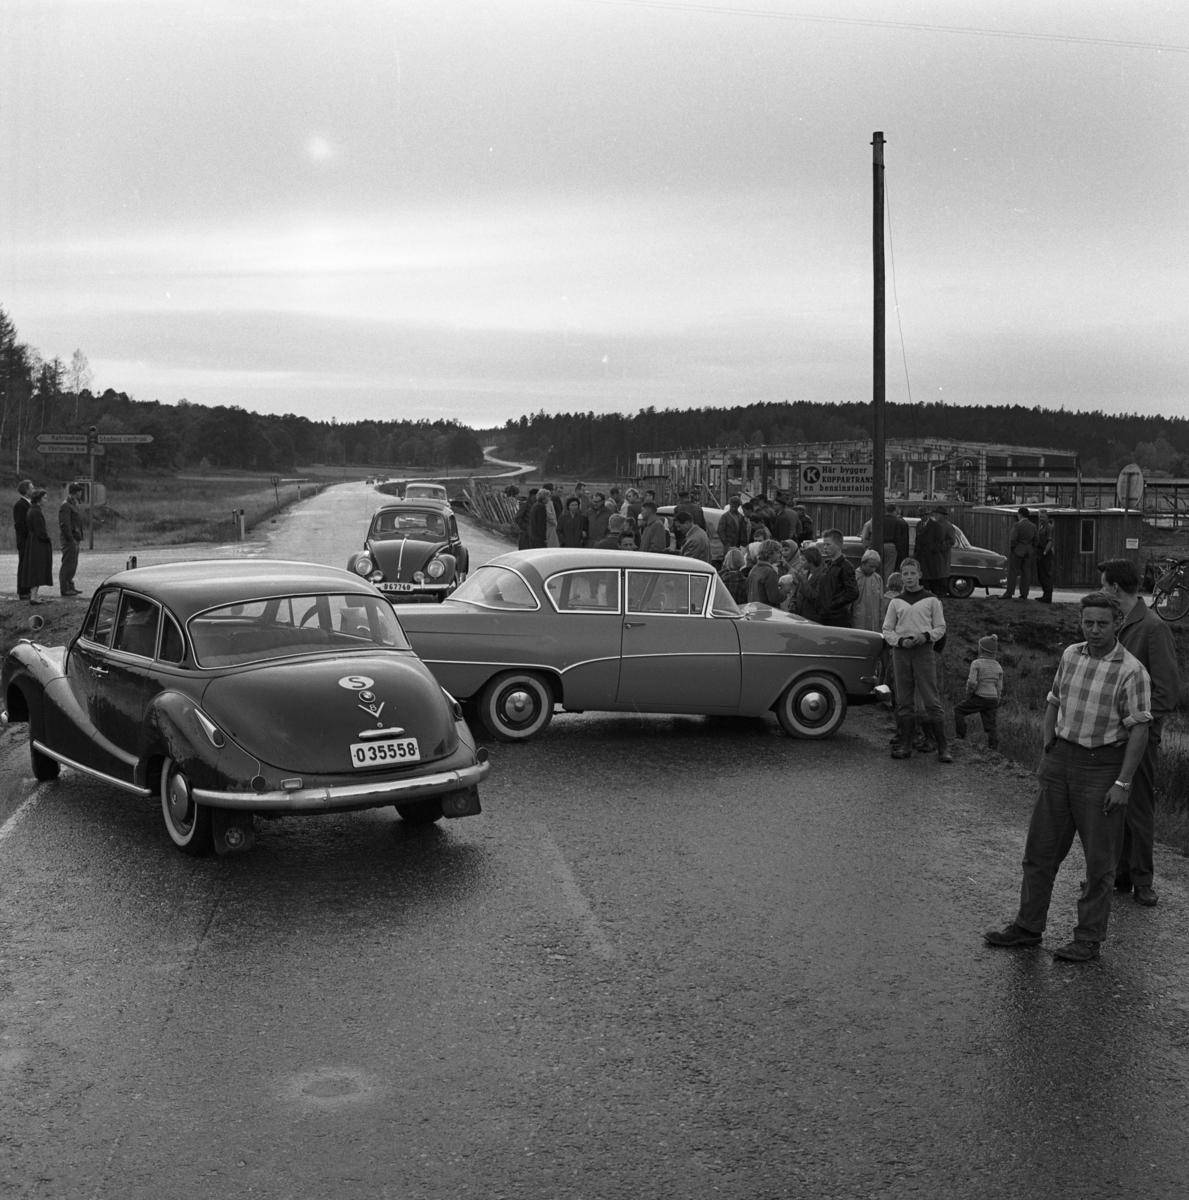 """Två bilar har krockat på vägen mot Örebro. På vägskyltarna, till vänster, står det """"Katrineholm"""", """"Västermo kyrka"""" och """"Stadens centrum"""". Till höger håller Koppartrans på att bygga en bensinstation. Män, kvinnor och barn har samlats för att se på krocken. Ett par bilar kan inte ta sig fram eftersom färdriktningen är blockerad."""